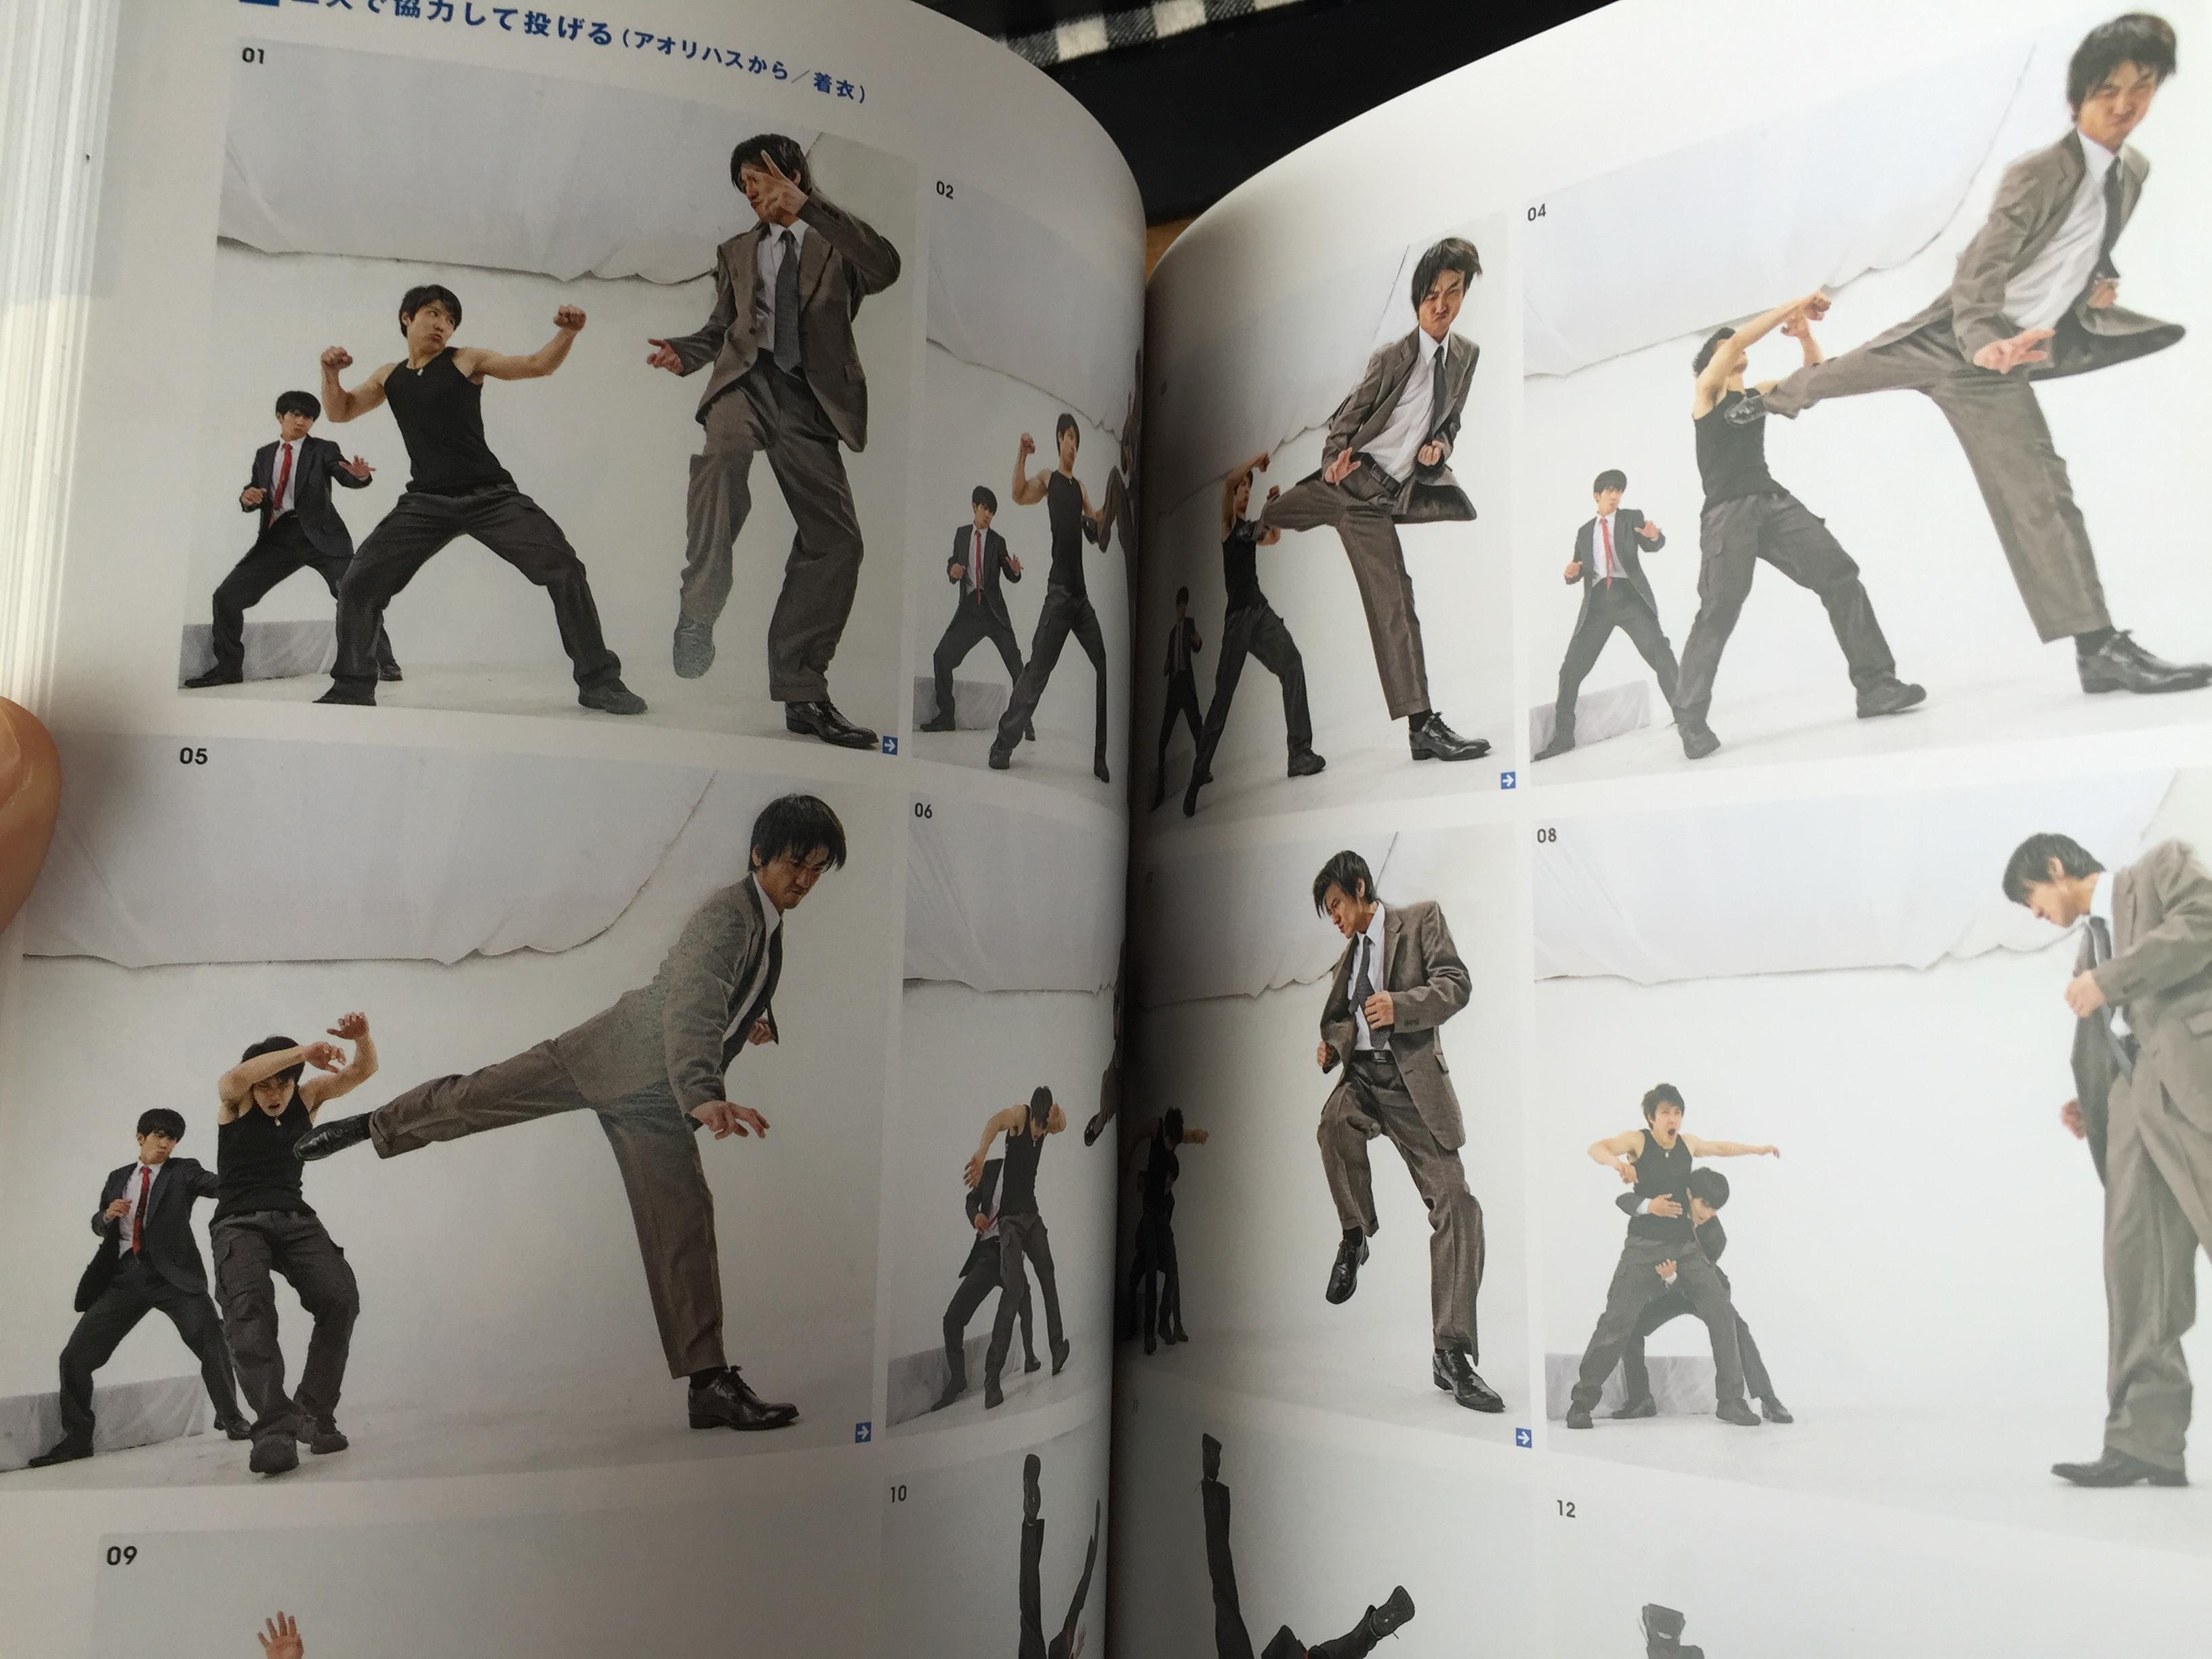 【躍動感あるスーツアクション資料なら】瞬間アクションポーズ02 バディ・アクション編